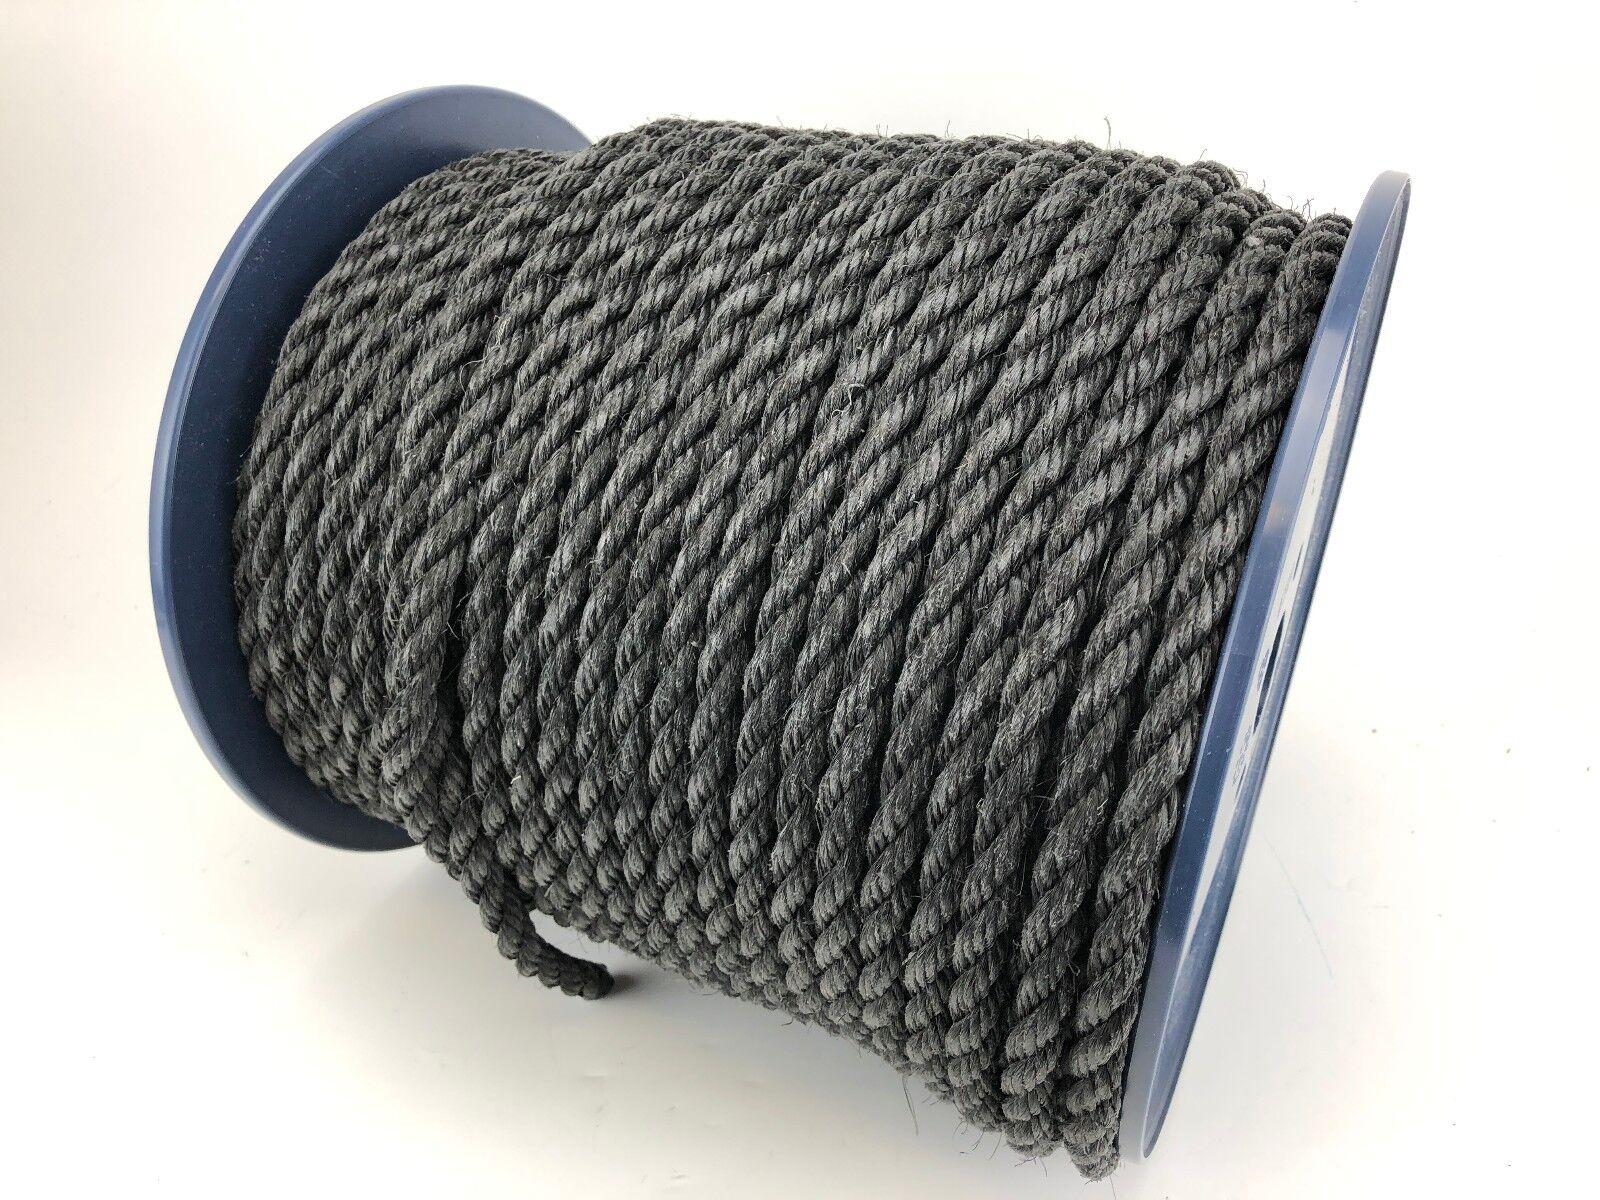 16mm schwarz Gesponnenes Seil X 75 Meter Rolle Anker Liegeplatz Baugerüst